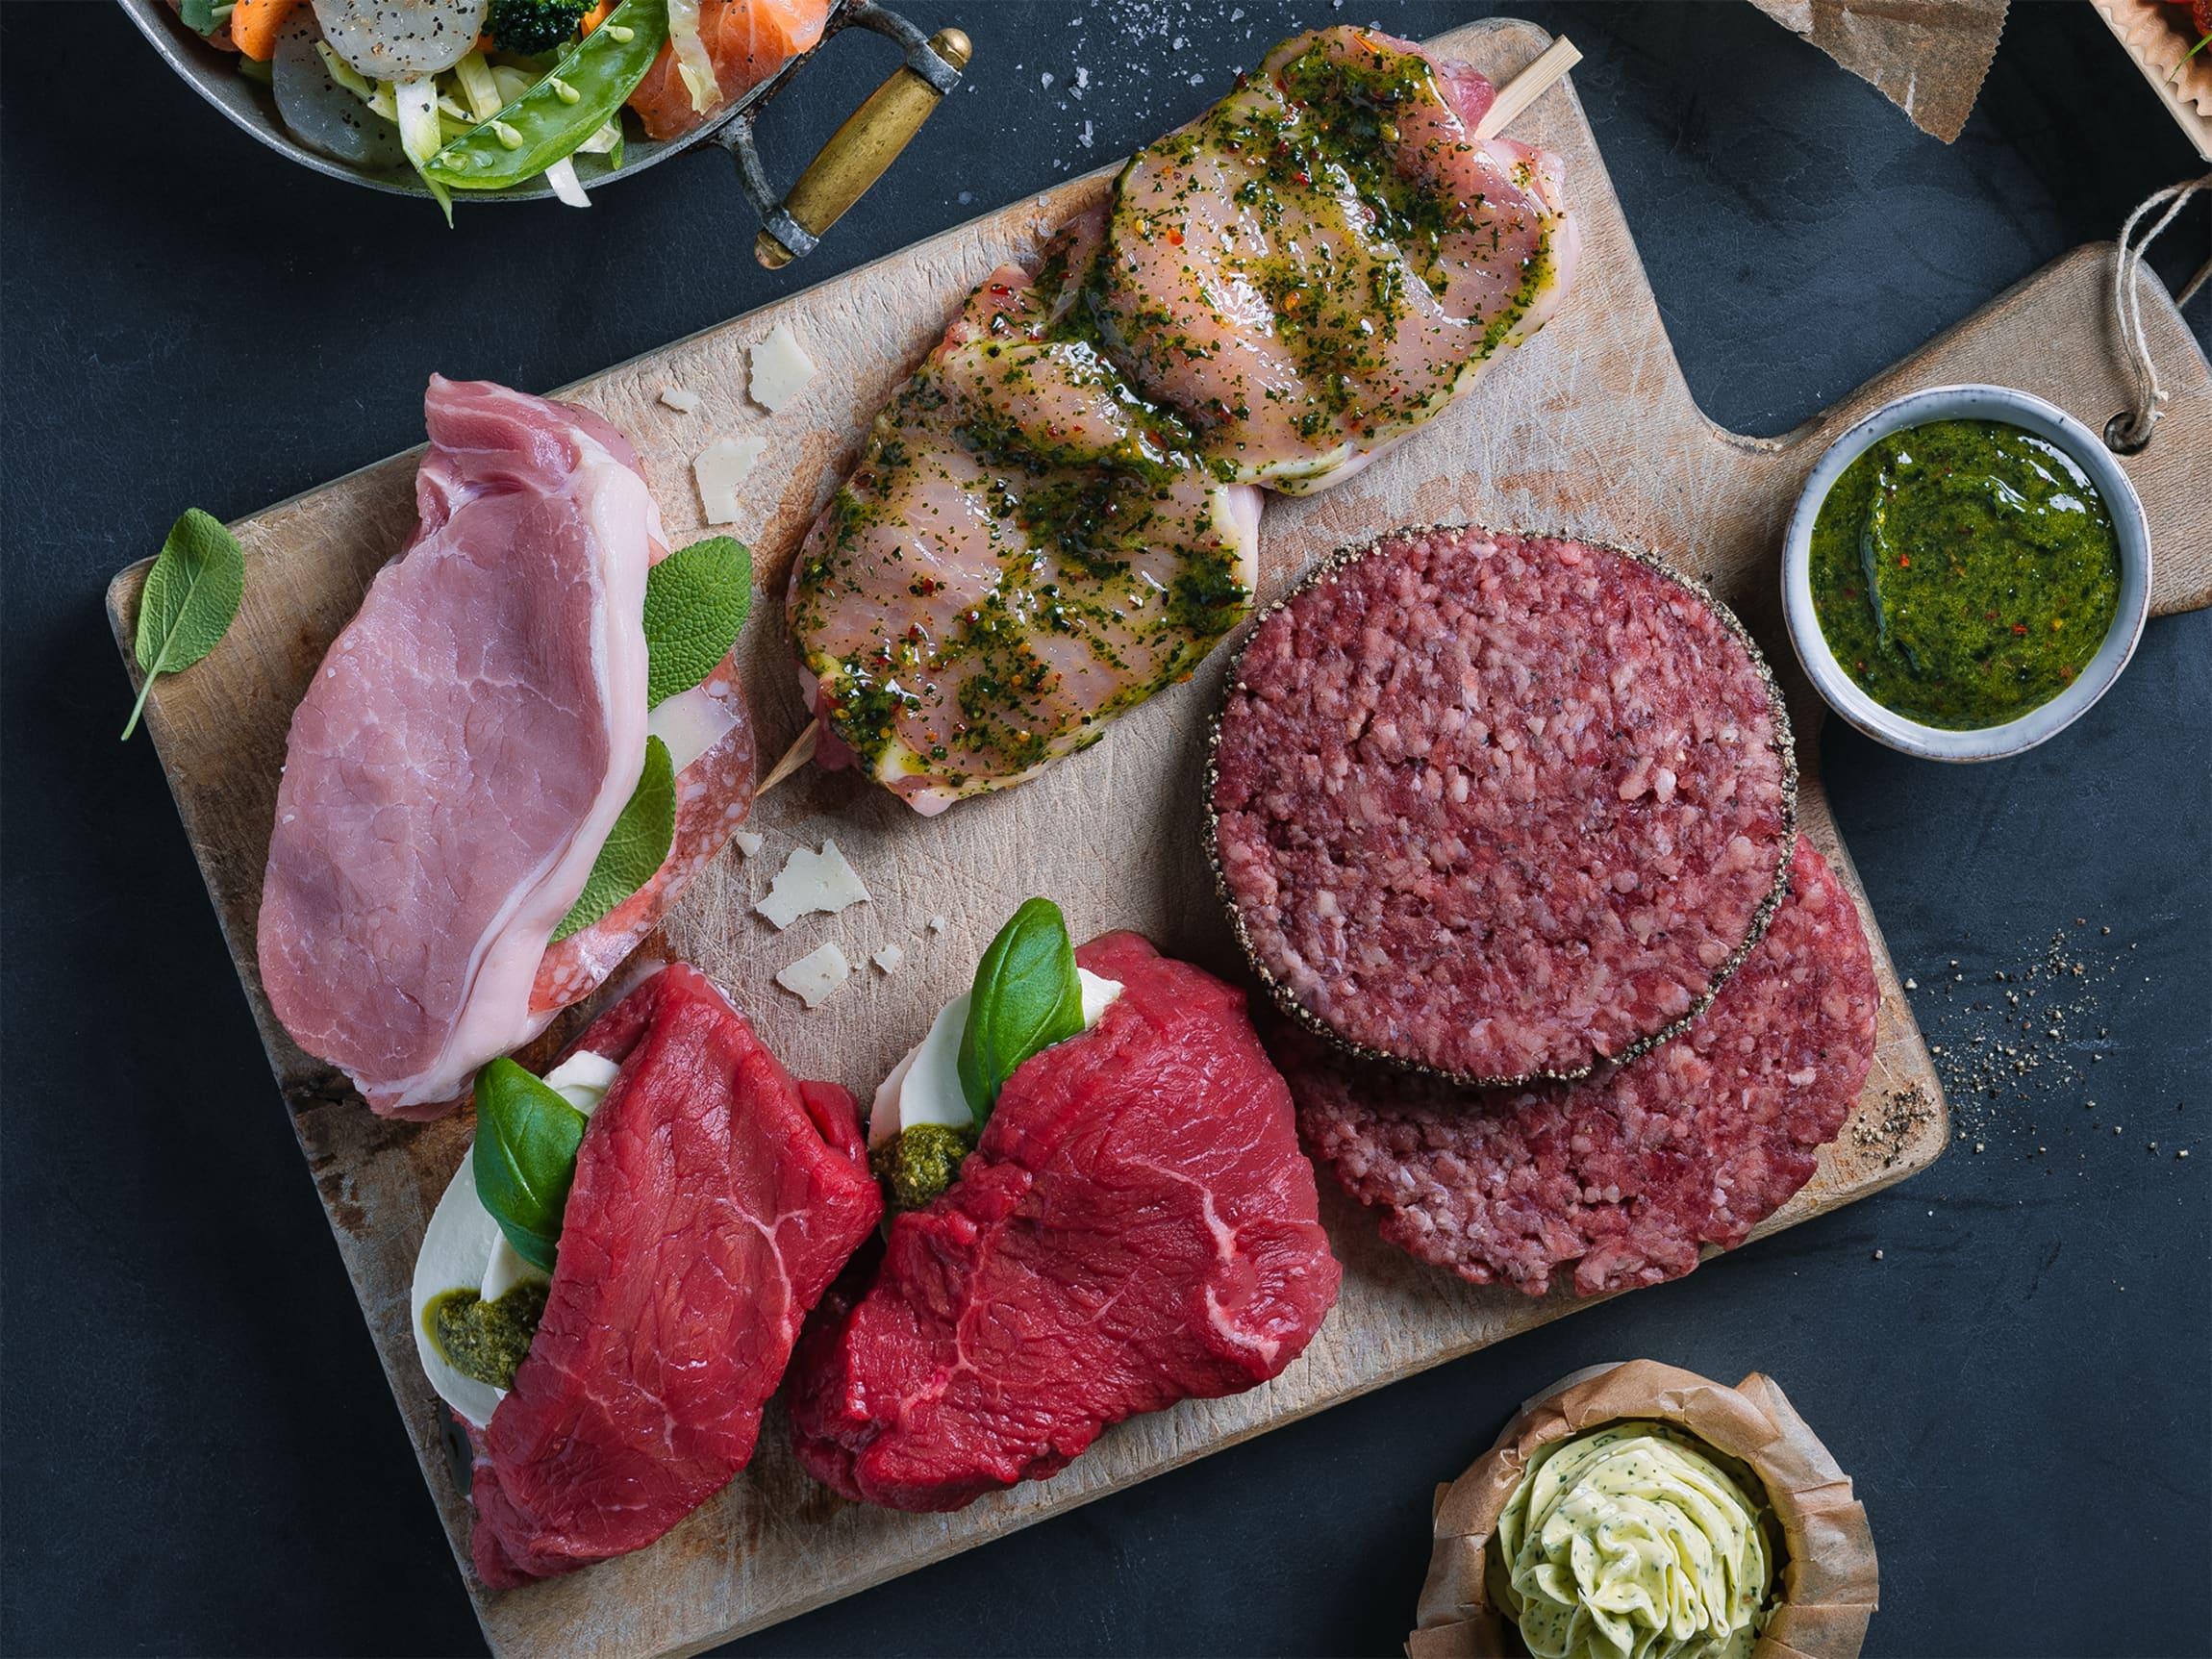 I kjøttdisken finner du mange spennende spesialiteter og sesongvarer